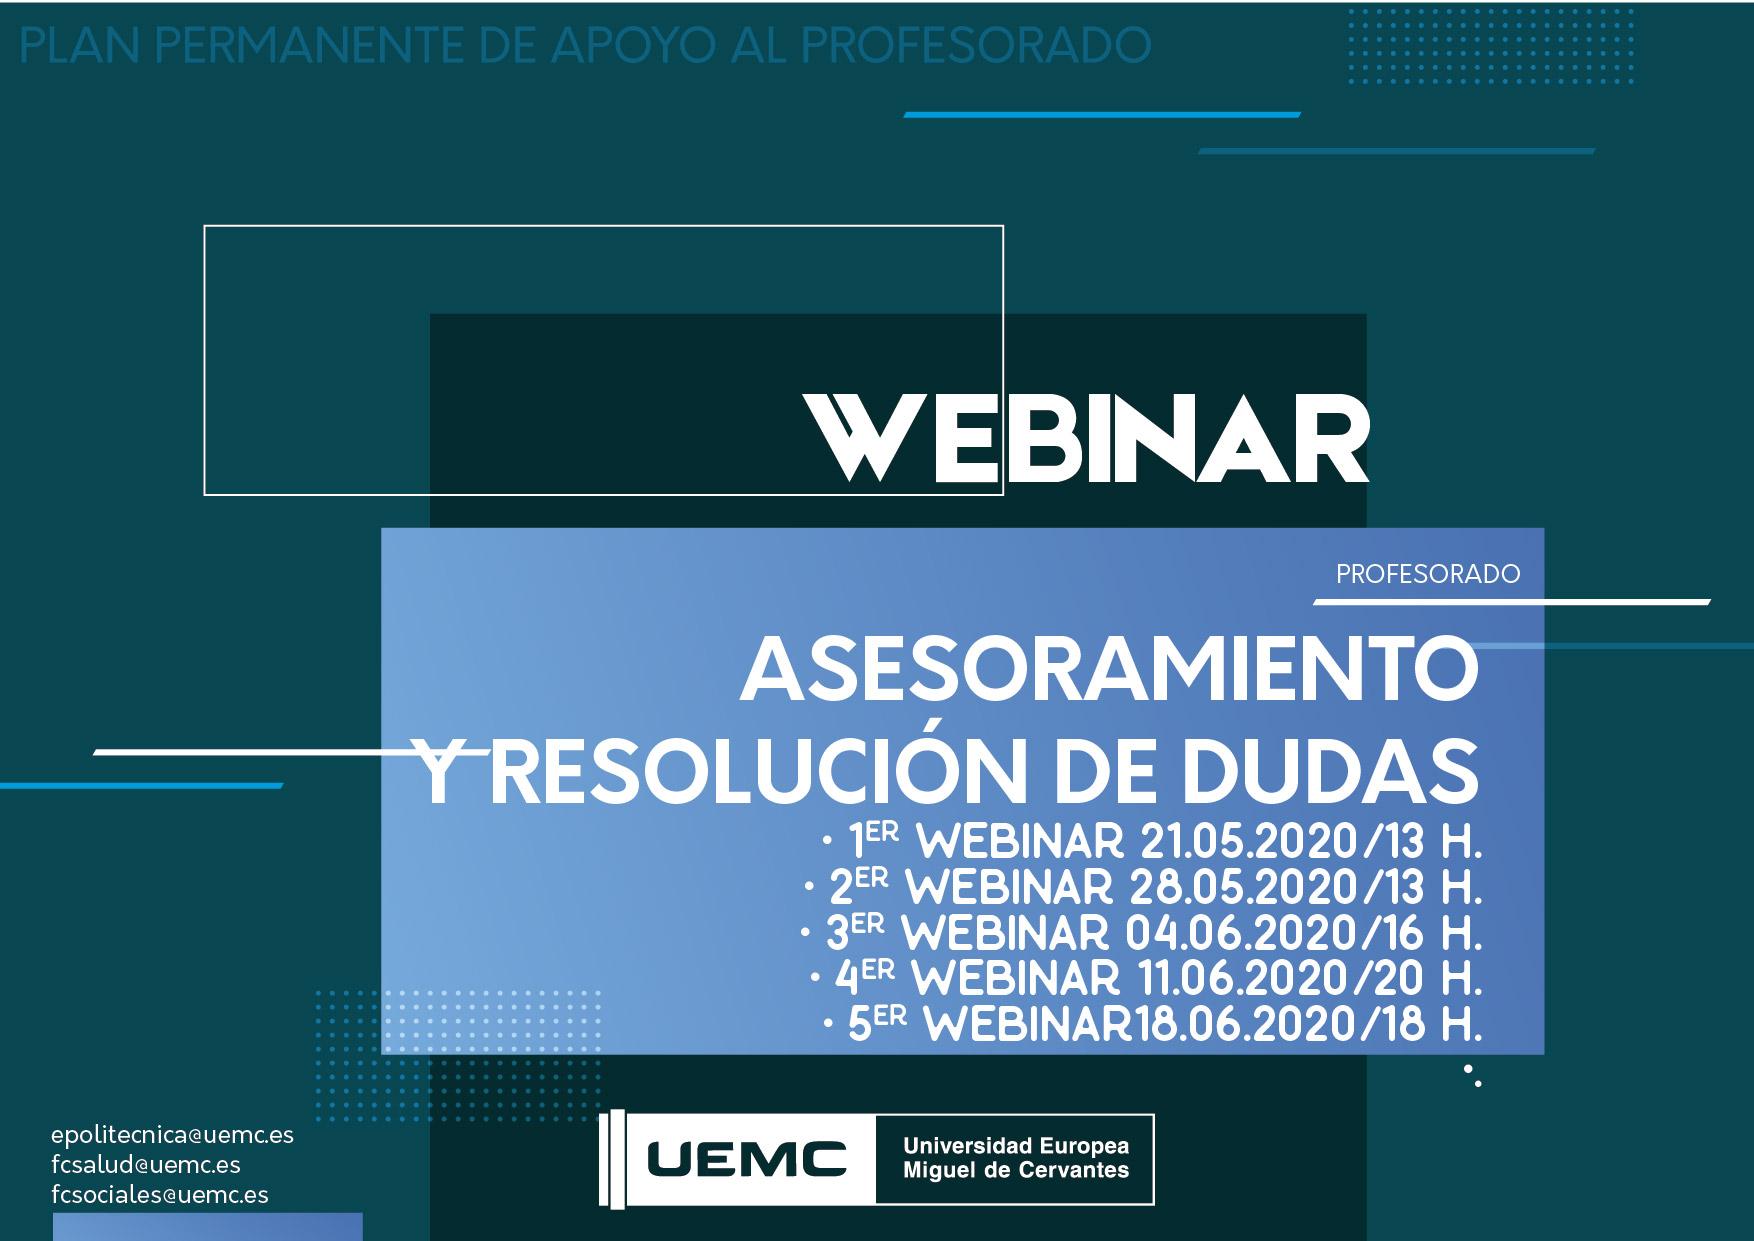 Webinar  - Reuniones virtuales de asesoramiento y resolución de dudas – Consulta fechas